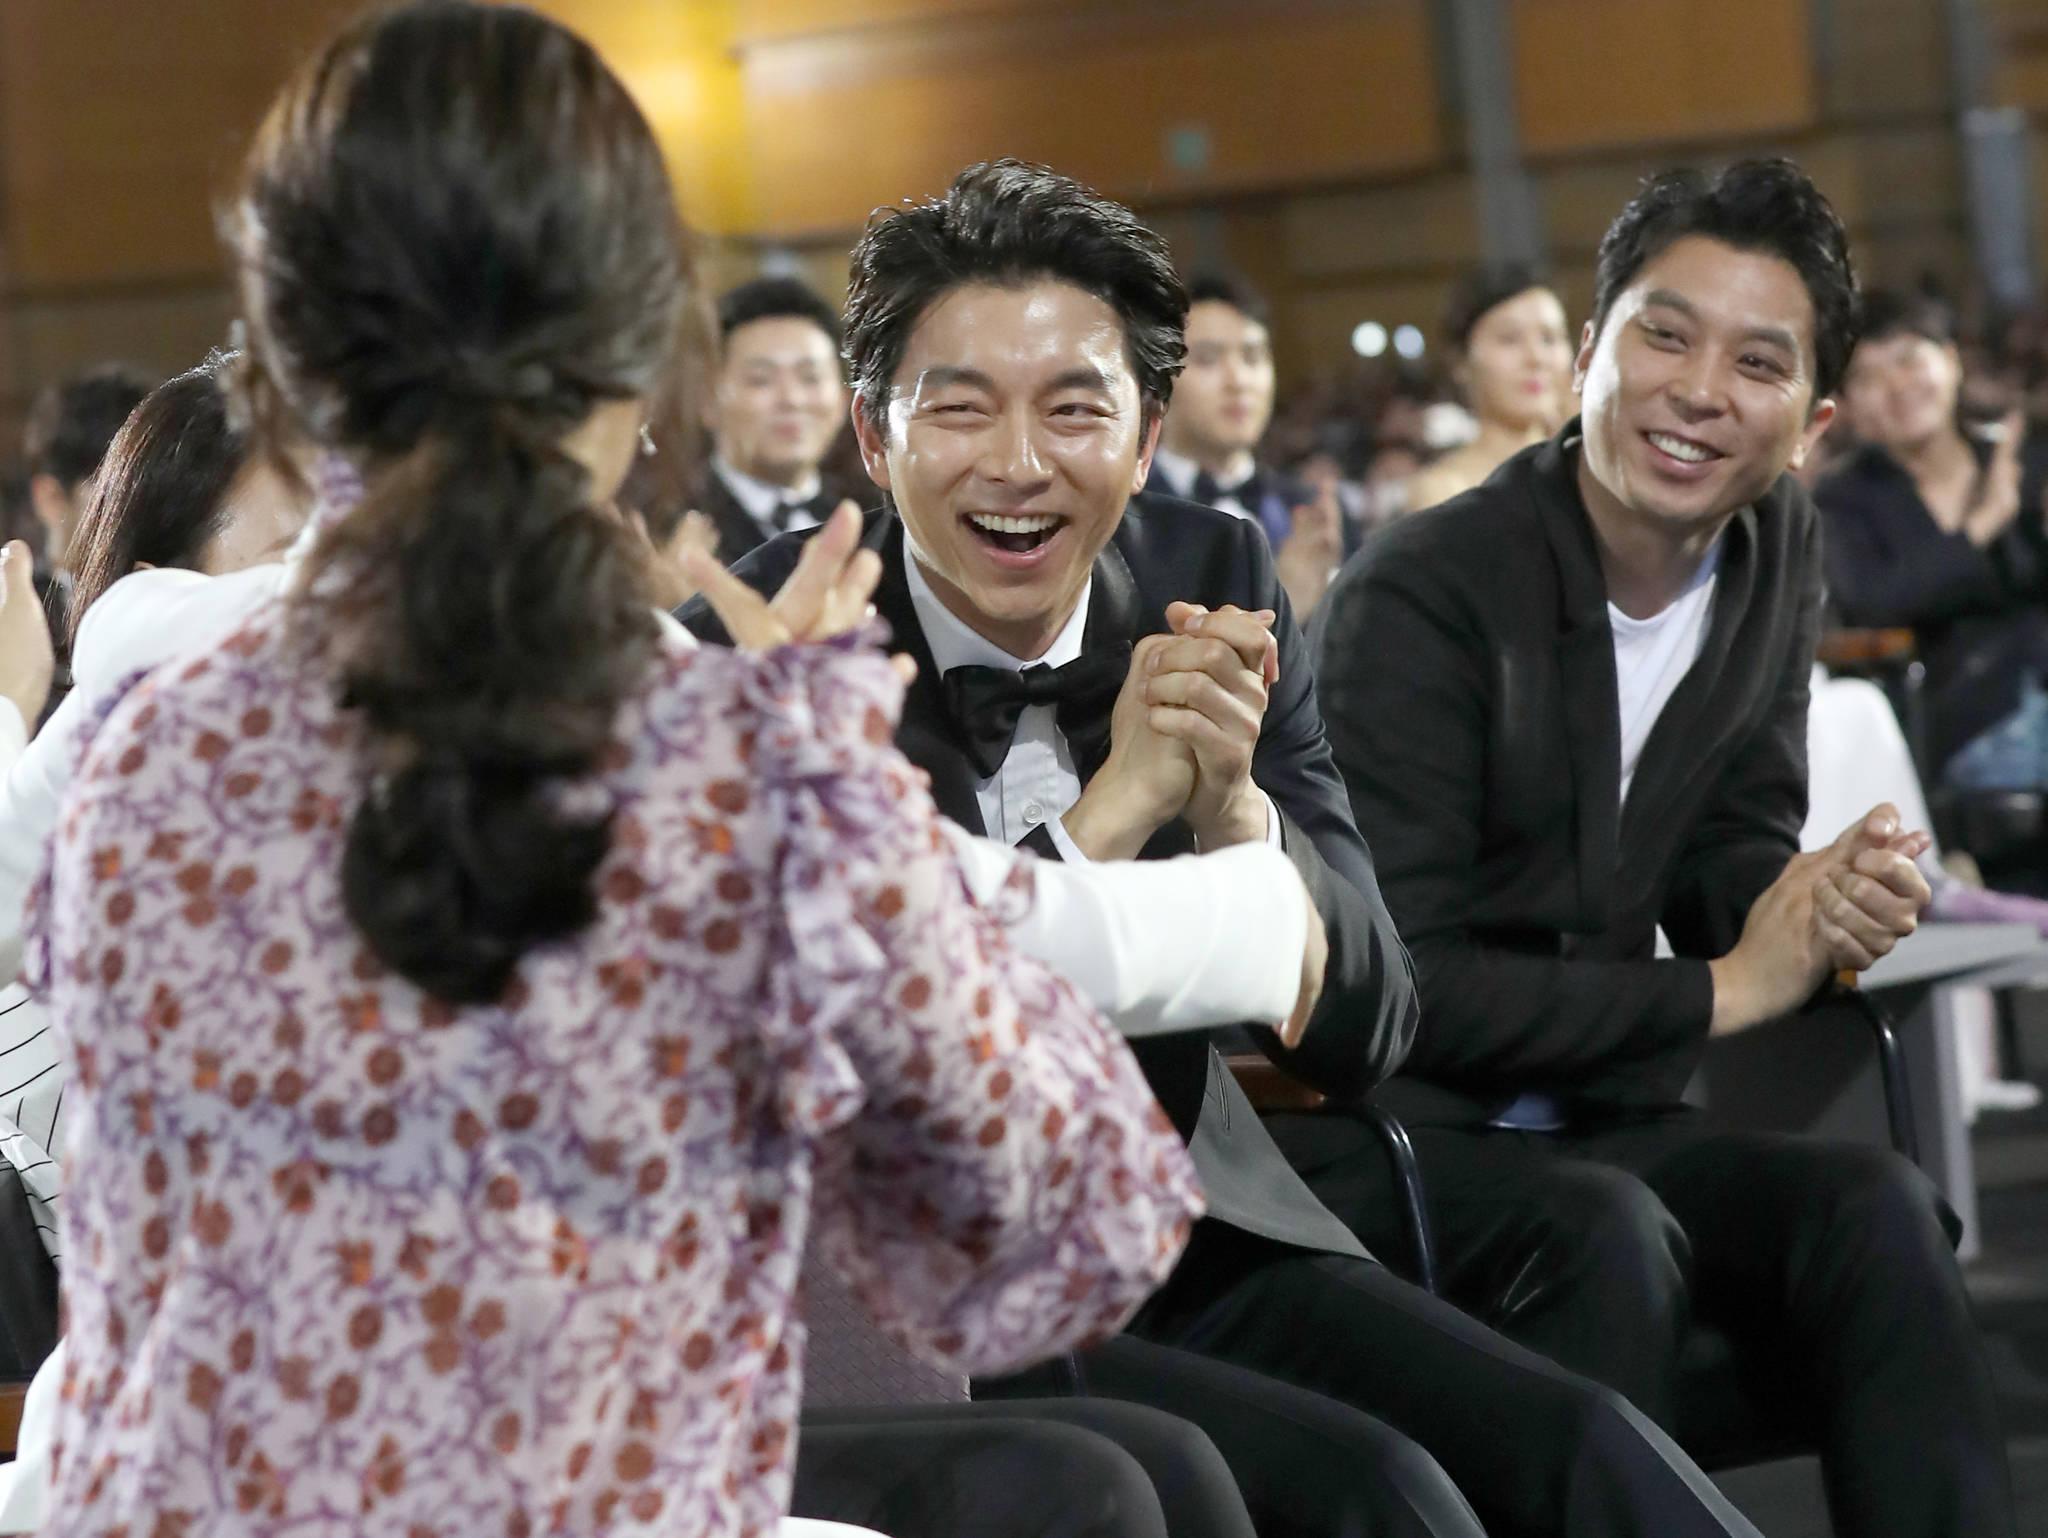 제53회 백상예술대상' 시상식 김은숙 작가 대상 발표순간...공유 뜨거운 박수